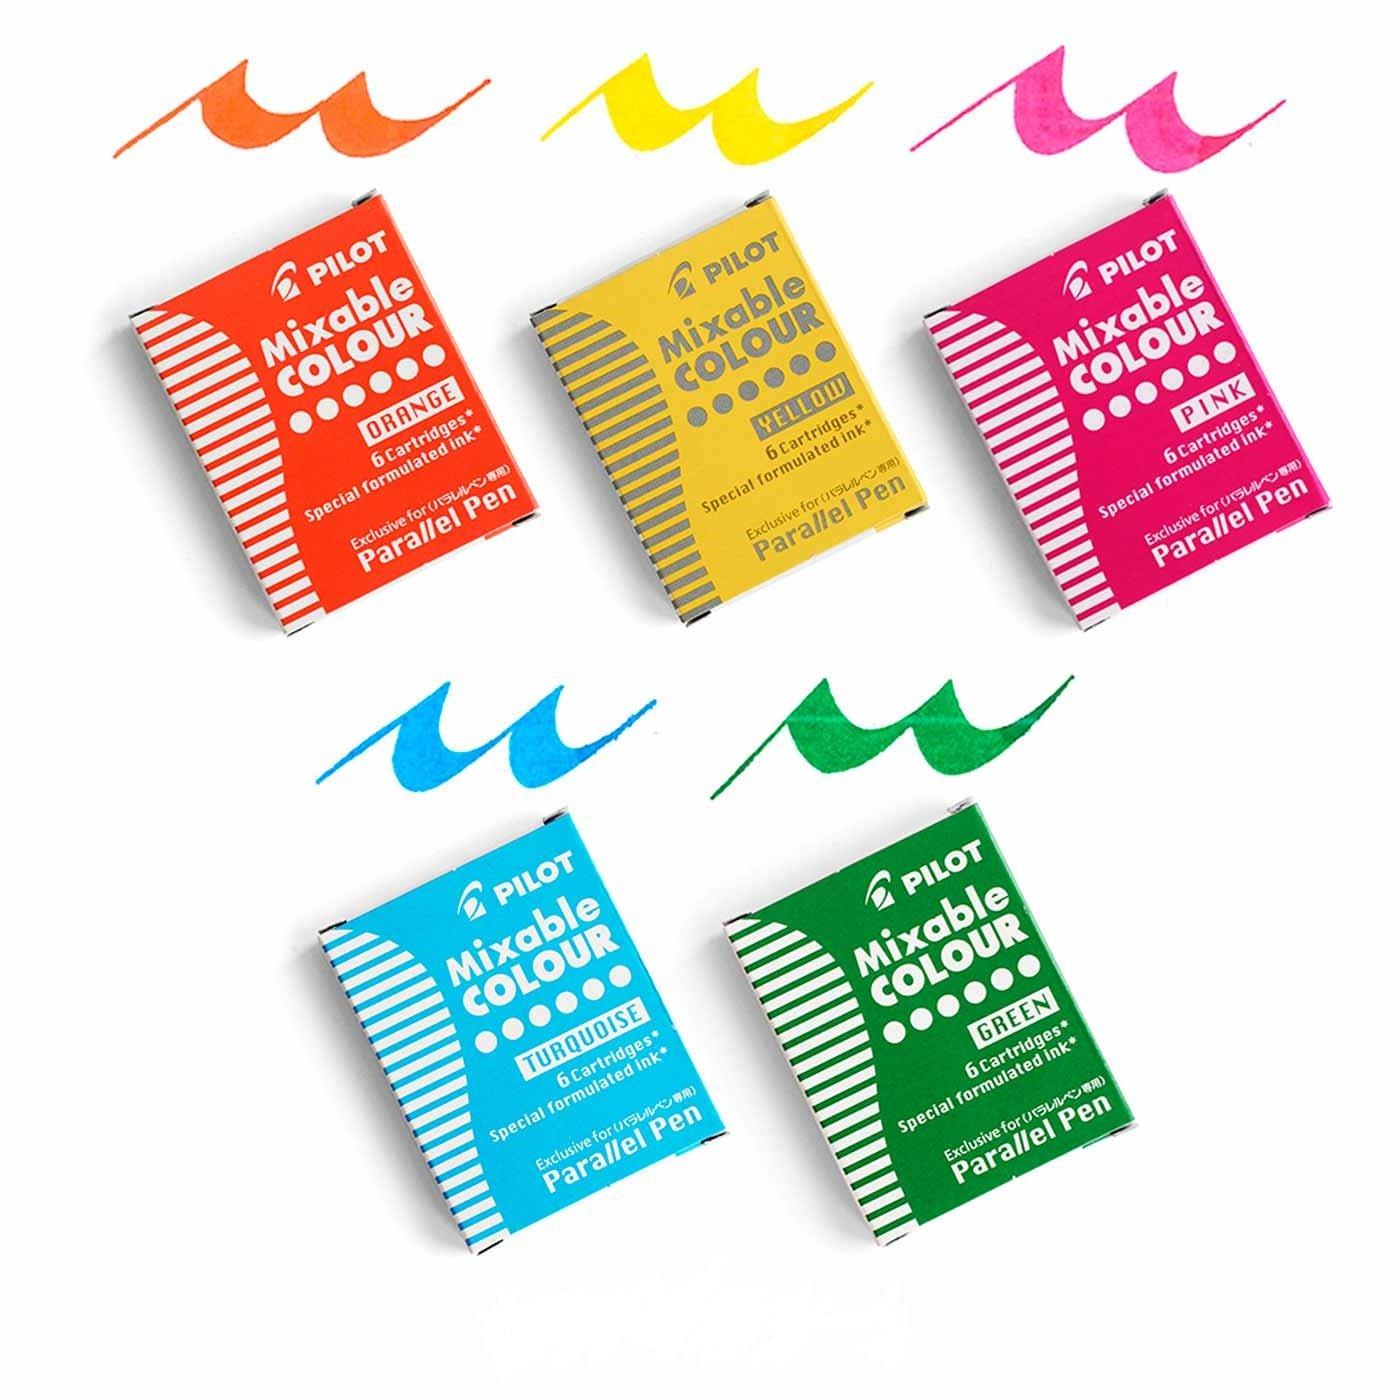 パラレルペン用カートリッジインク5色セット〈ポップカラー〉